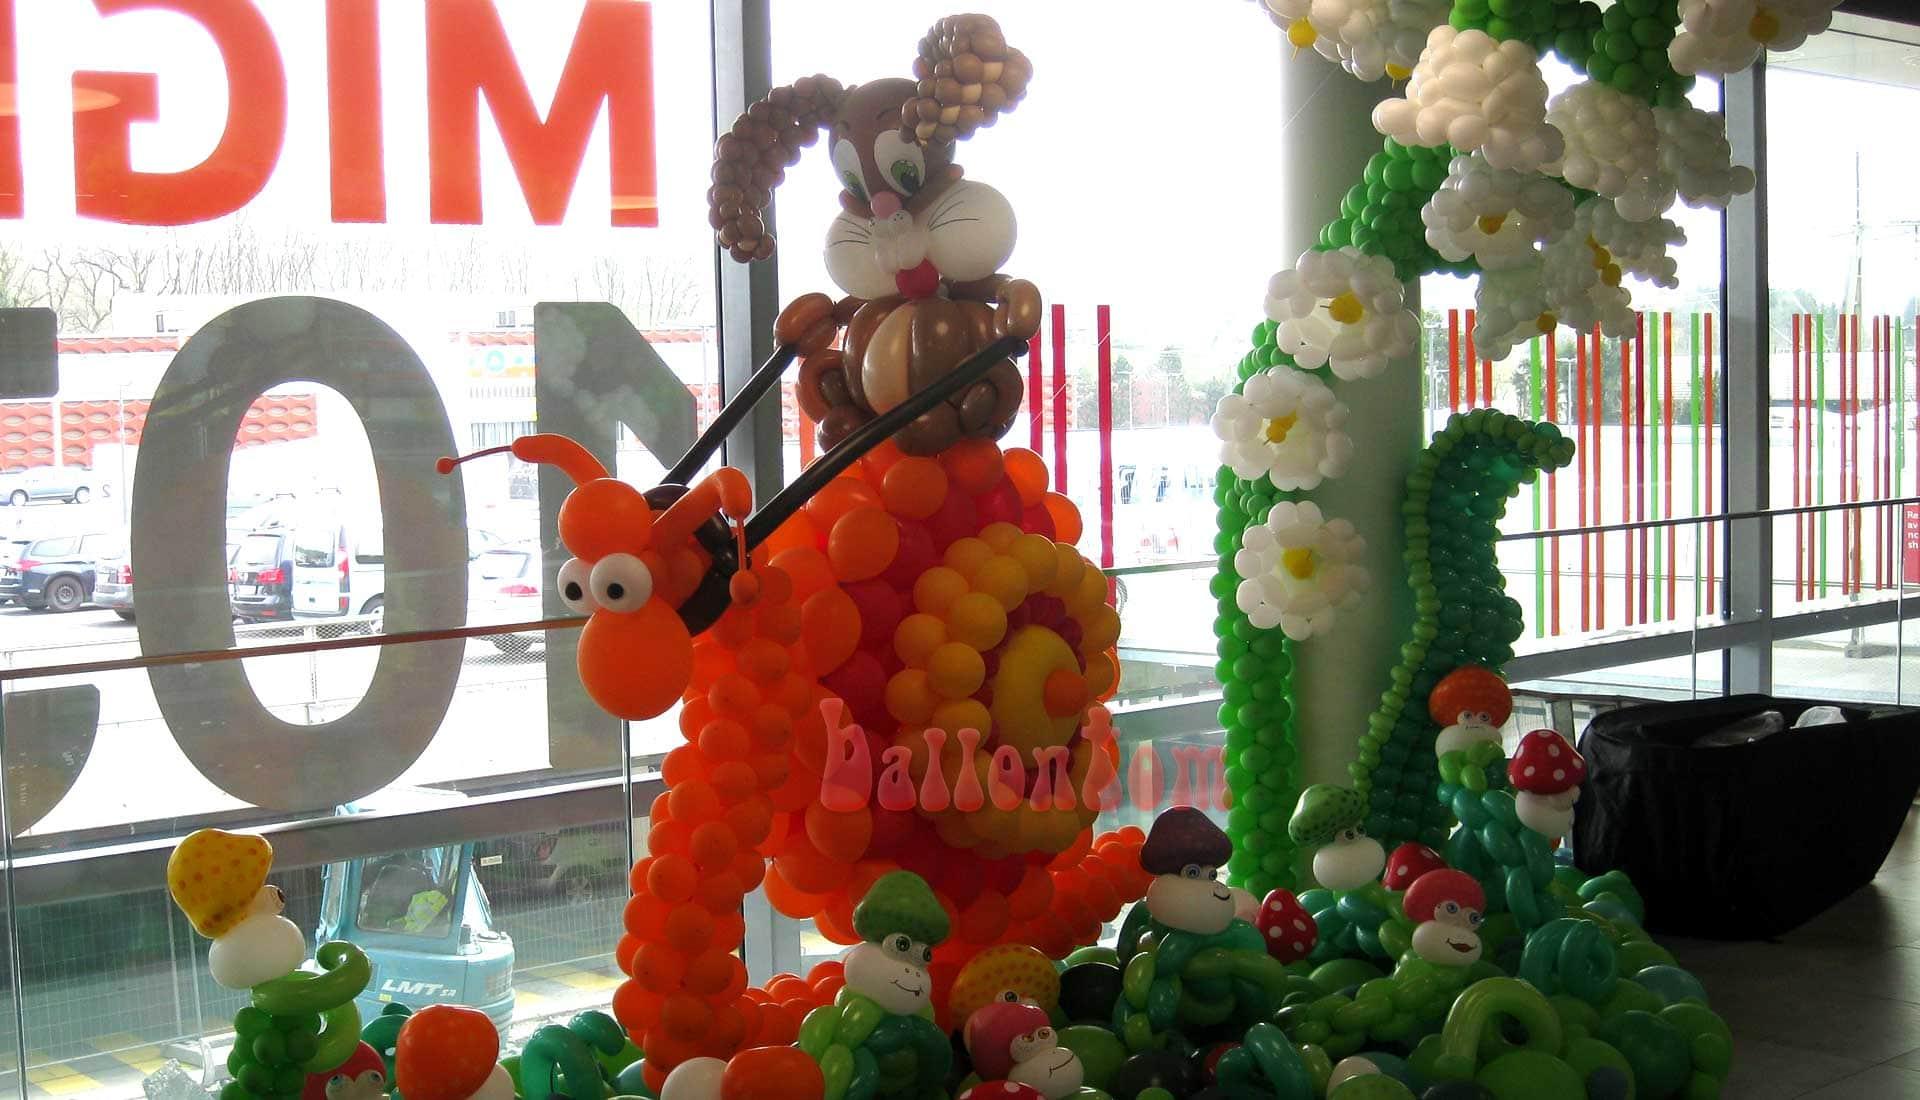 Ballonwelt Lausanne - Schweiz - Rennschnecke - Projekt: Canniballoon Team Didier Dvorak - Unterstützt durch ballontom